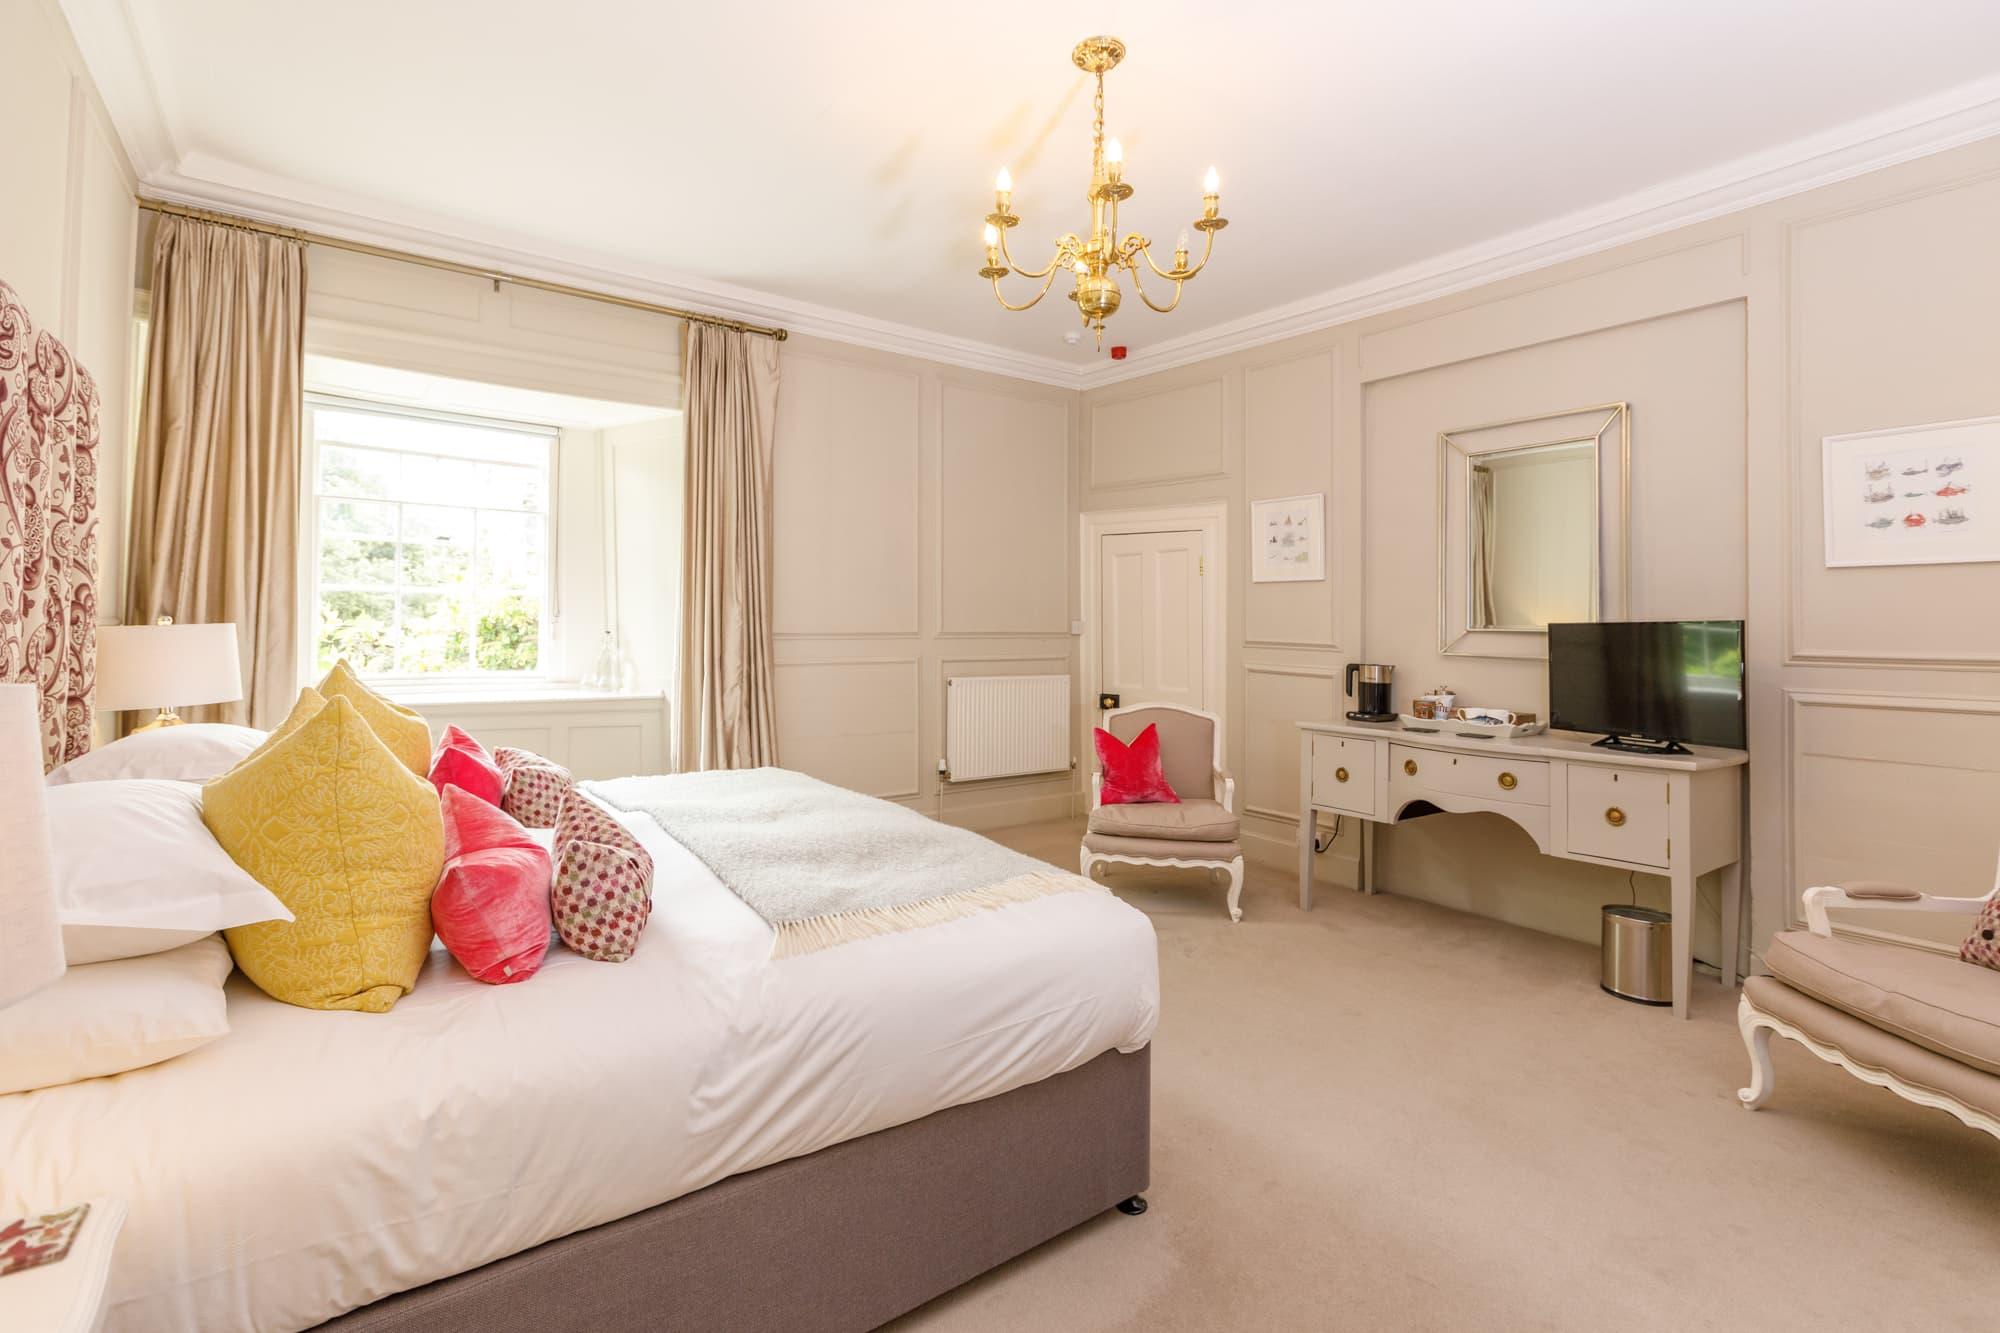 Daymer - bed and bedroom door-pichi